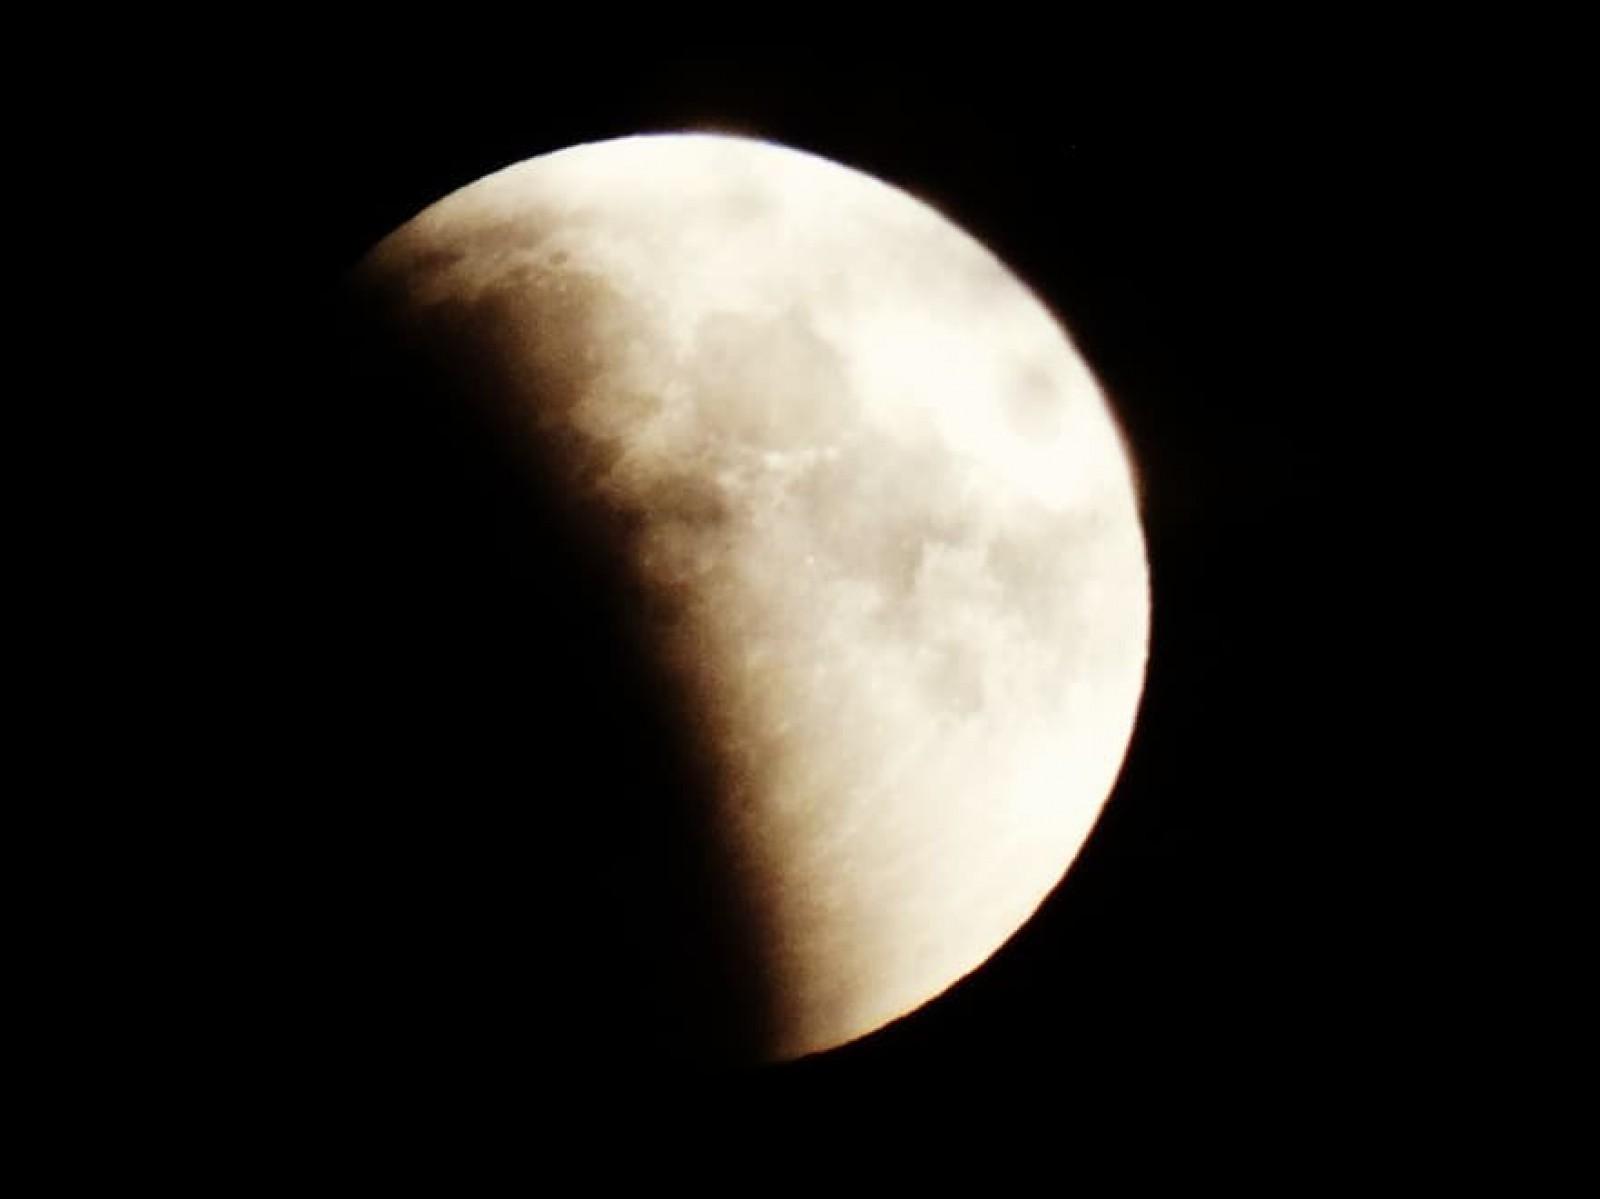 (foto/video) Cea mai lungă eclipsă de Lună din acest secol, vizibilă și în Republica Moldova. Cum a fost văzut pe rețelele de socializare spectacolul astronomic